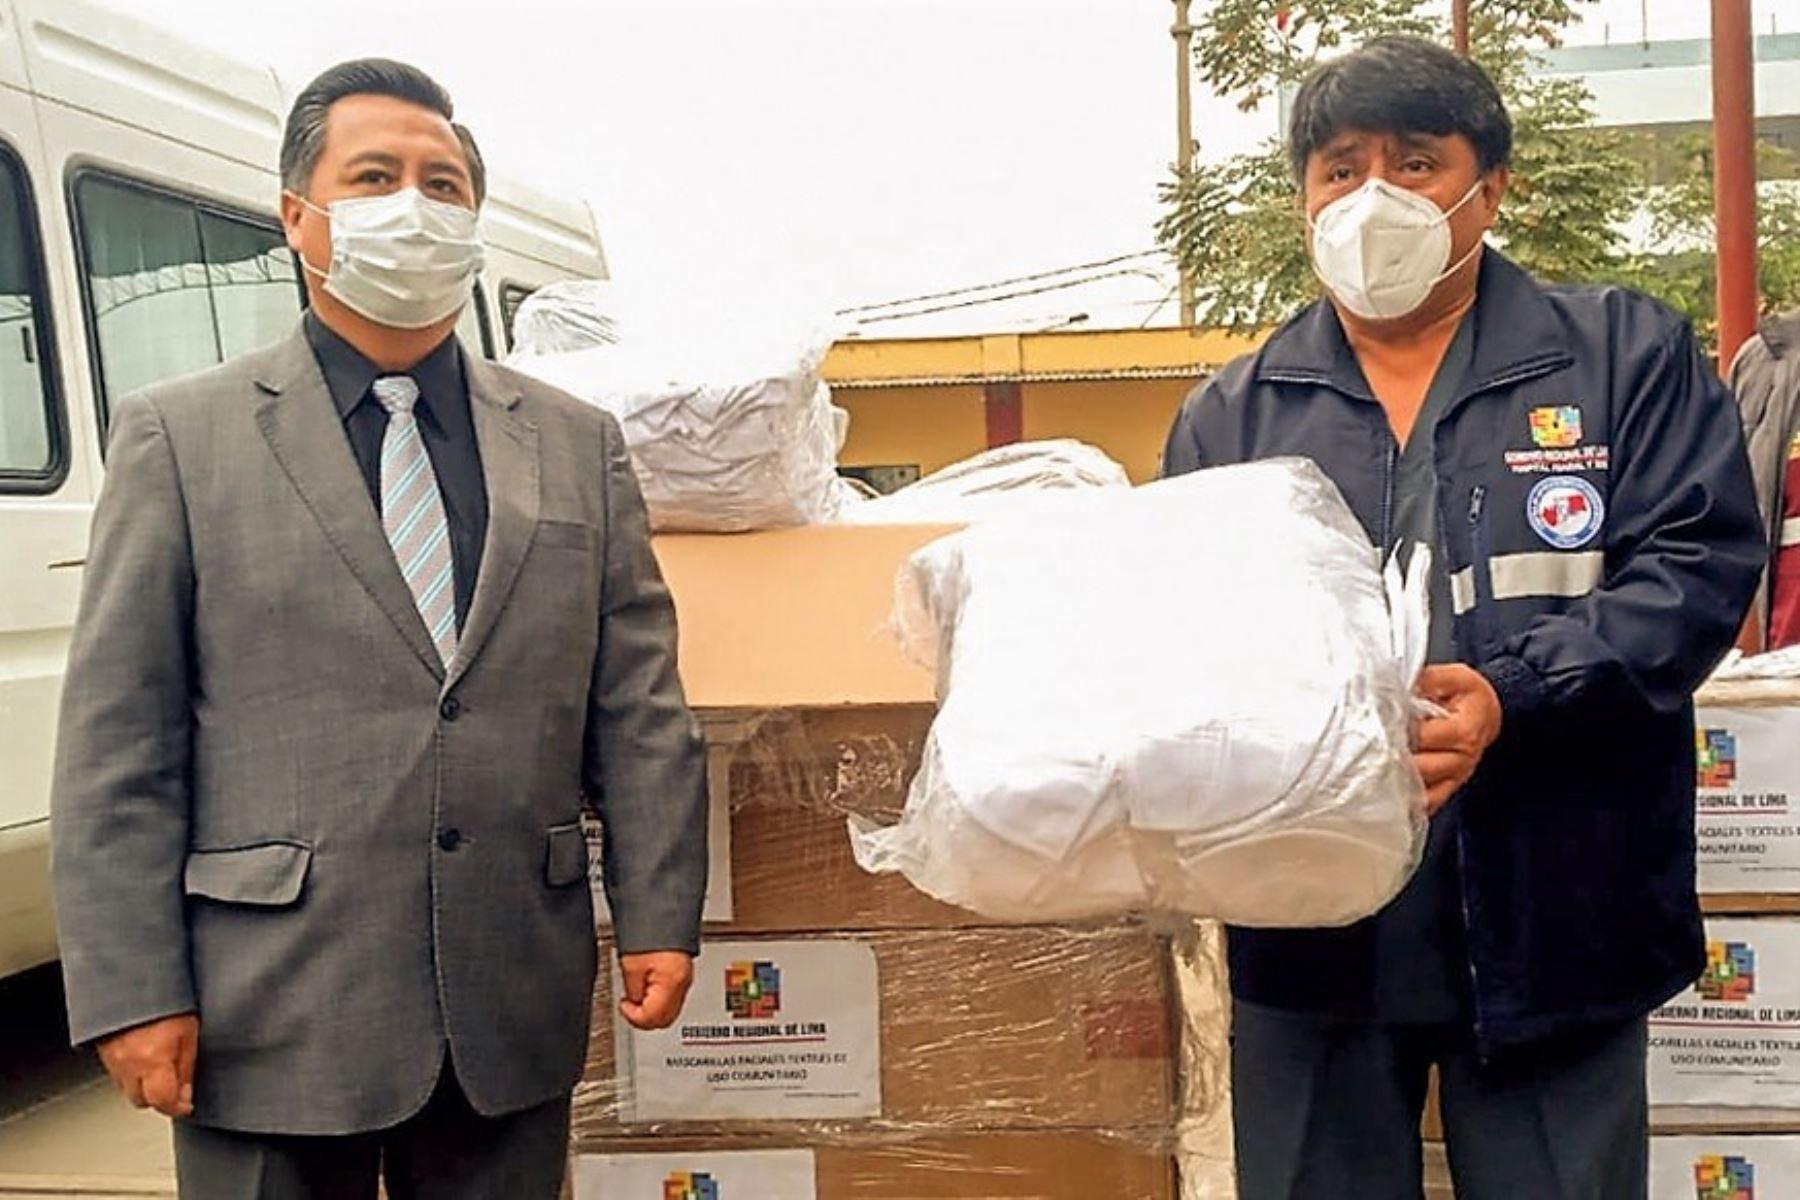 Gobierno regional de Lima refuerza acciones contra el covid-19 y entrega mascarillas comunitarias para población vulnerable de Huaral. Foto: ANDINA/Difusión